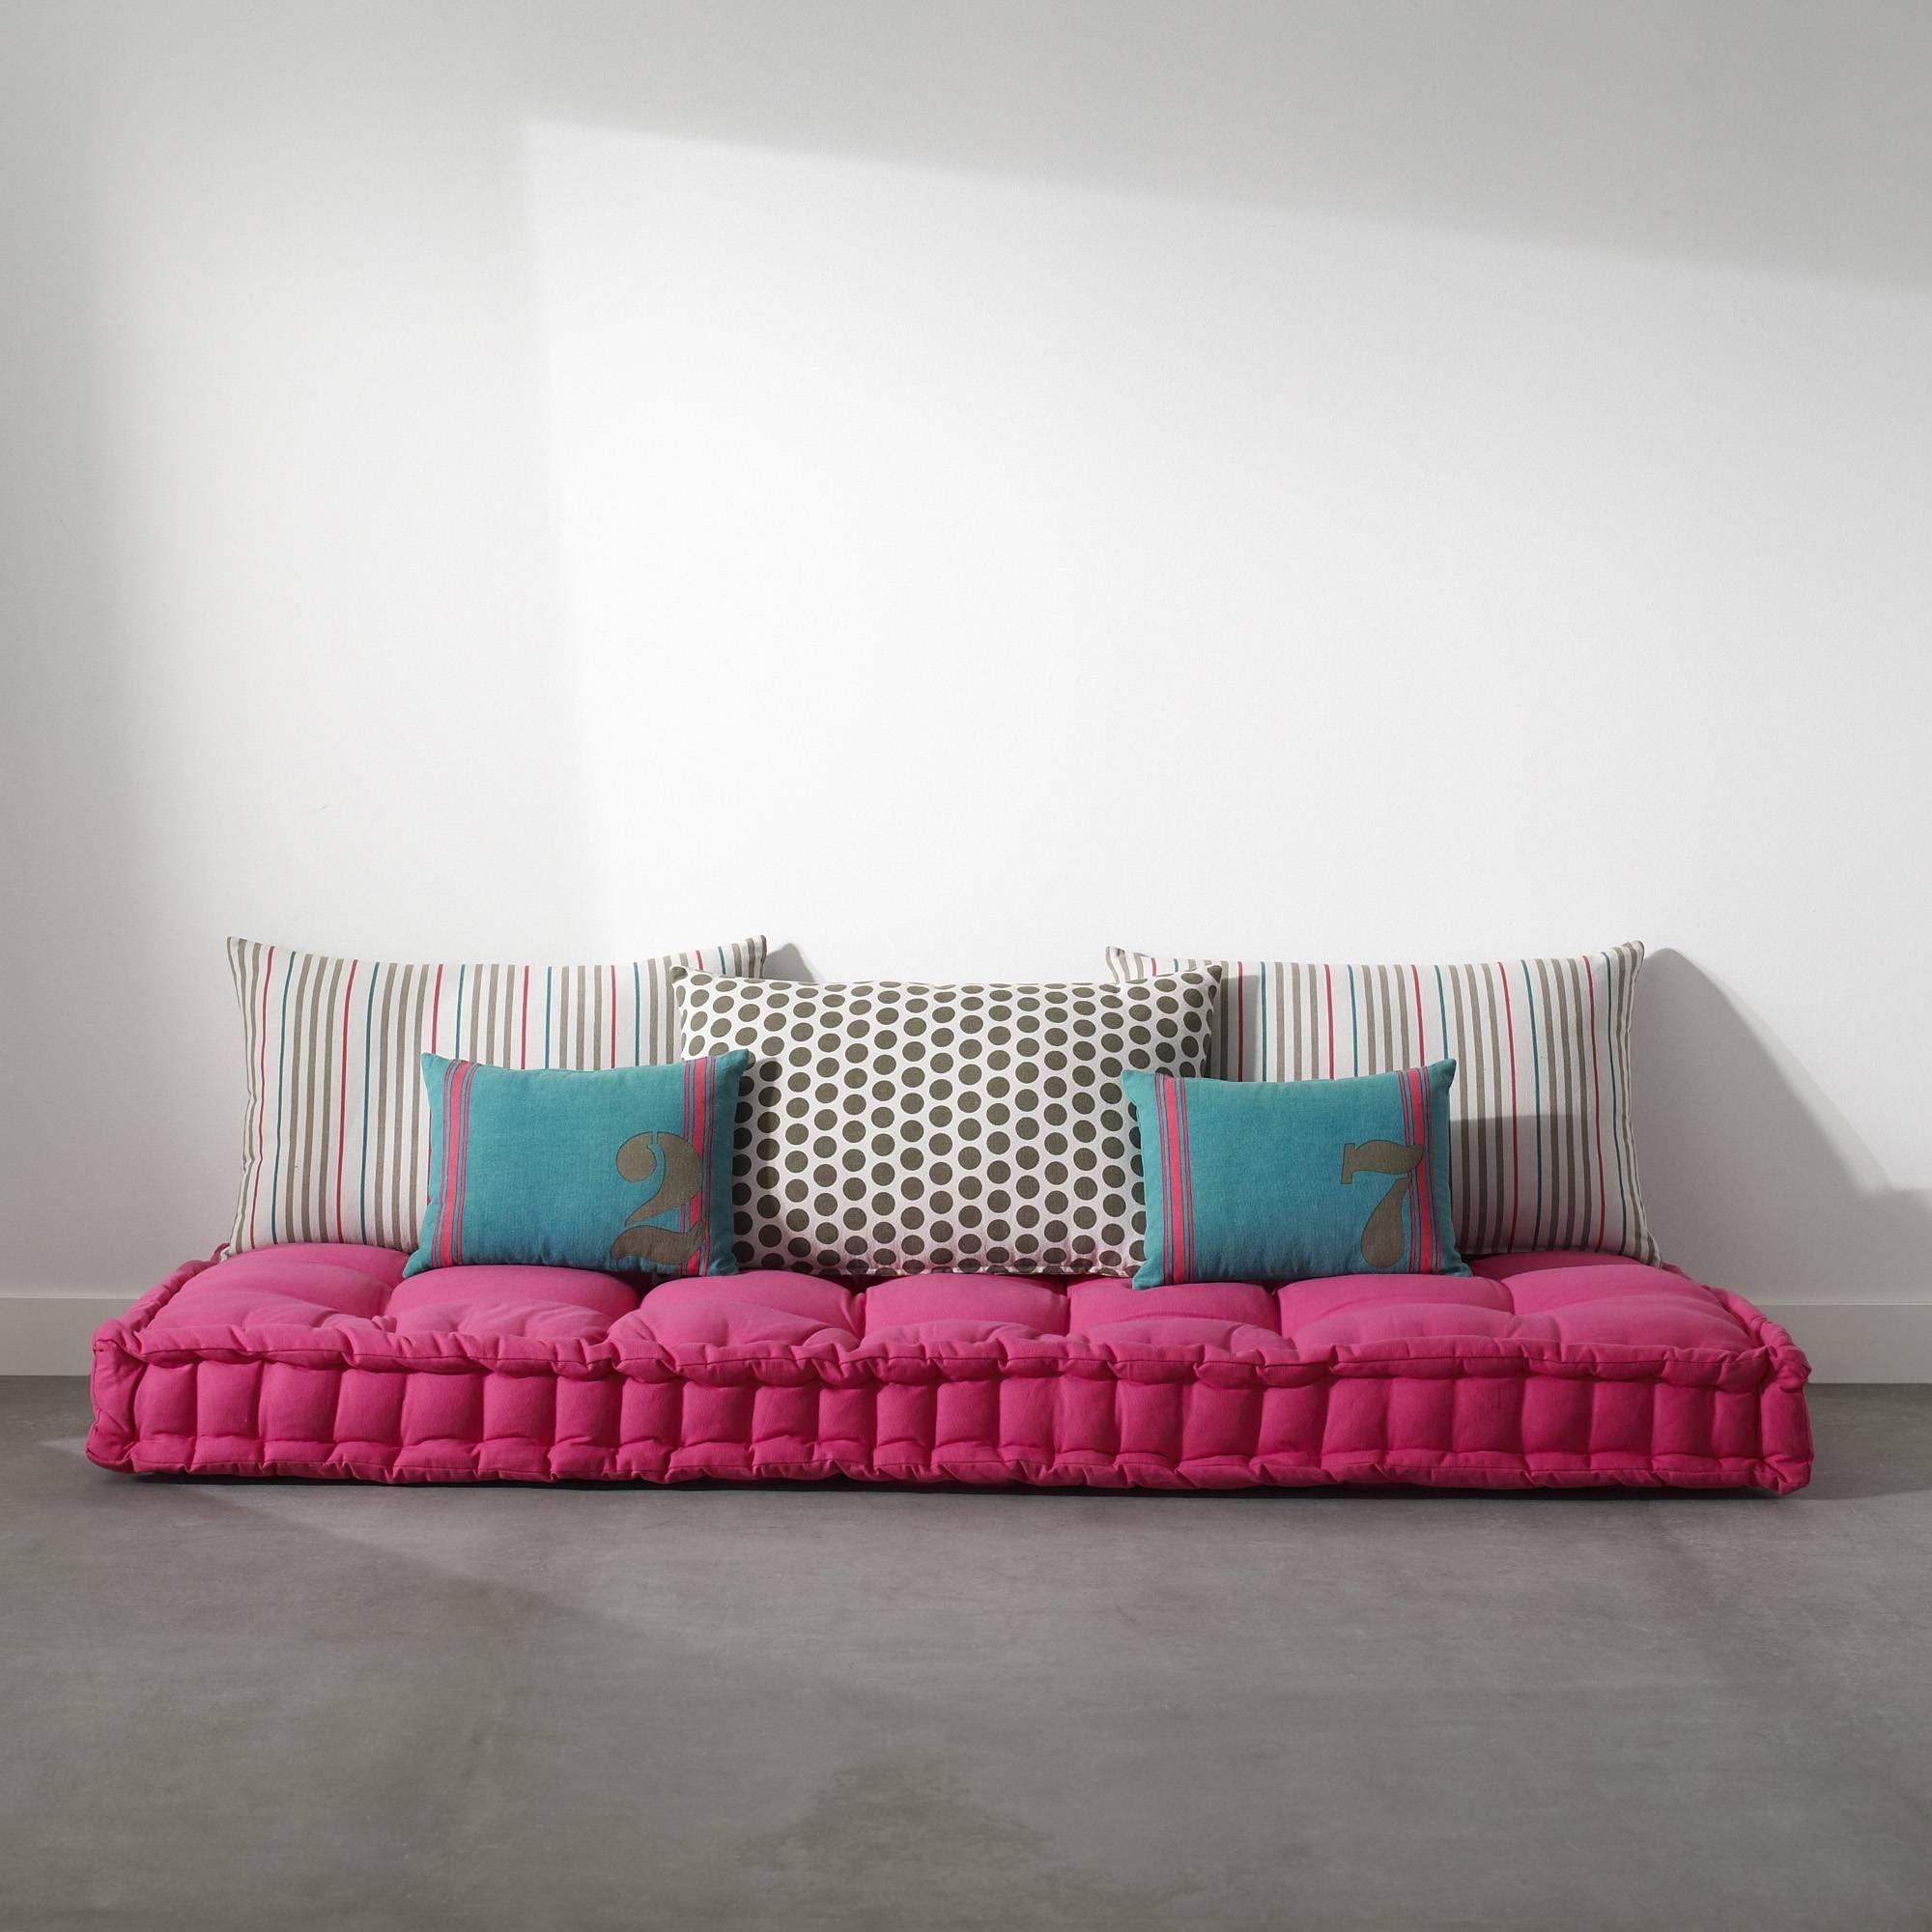 matelas tapissier capitonn passepoil pur coton pour banquette 3 suisses couleur matelas. Black Bedroom Furniture Sets. Home Design Ideas